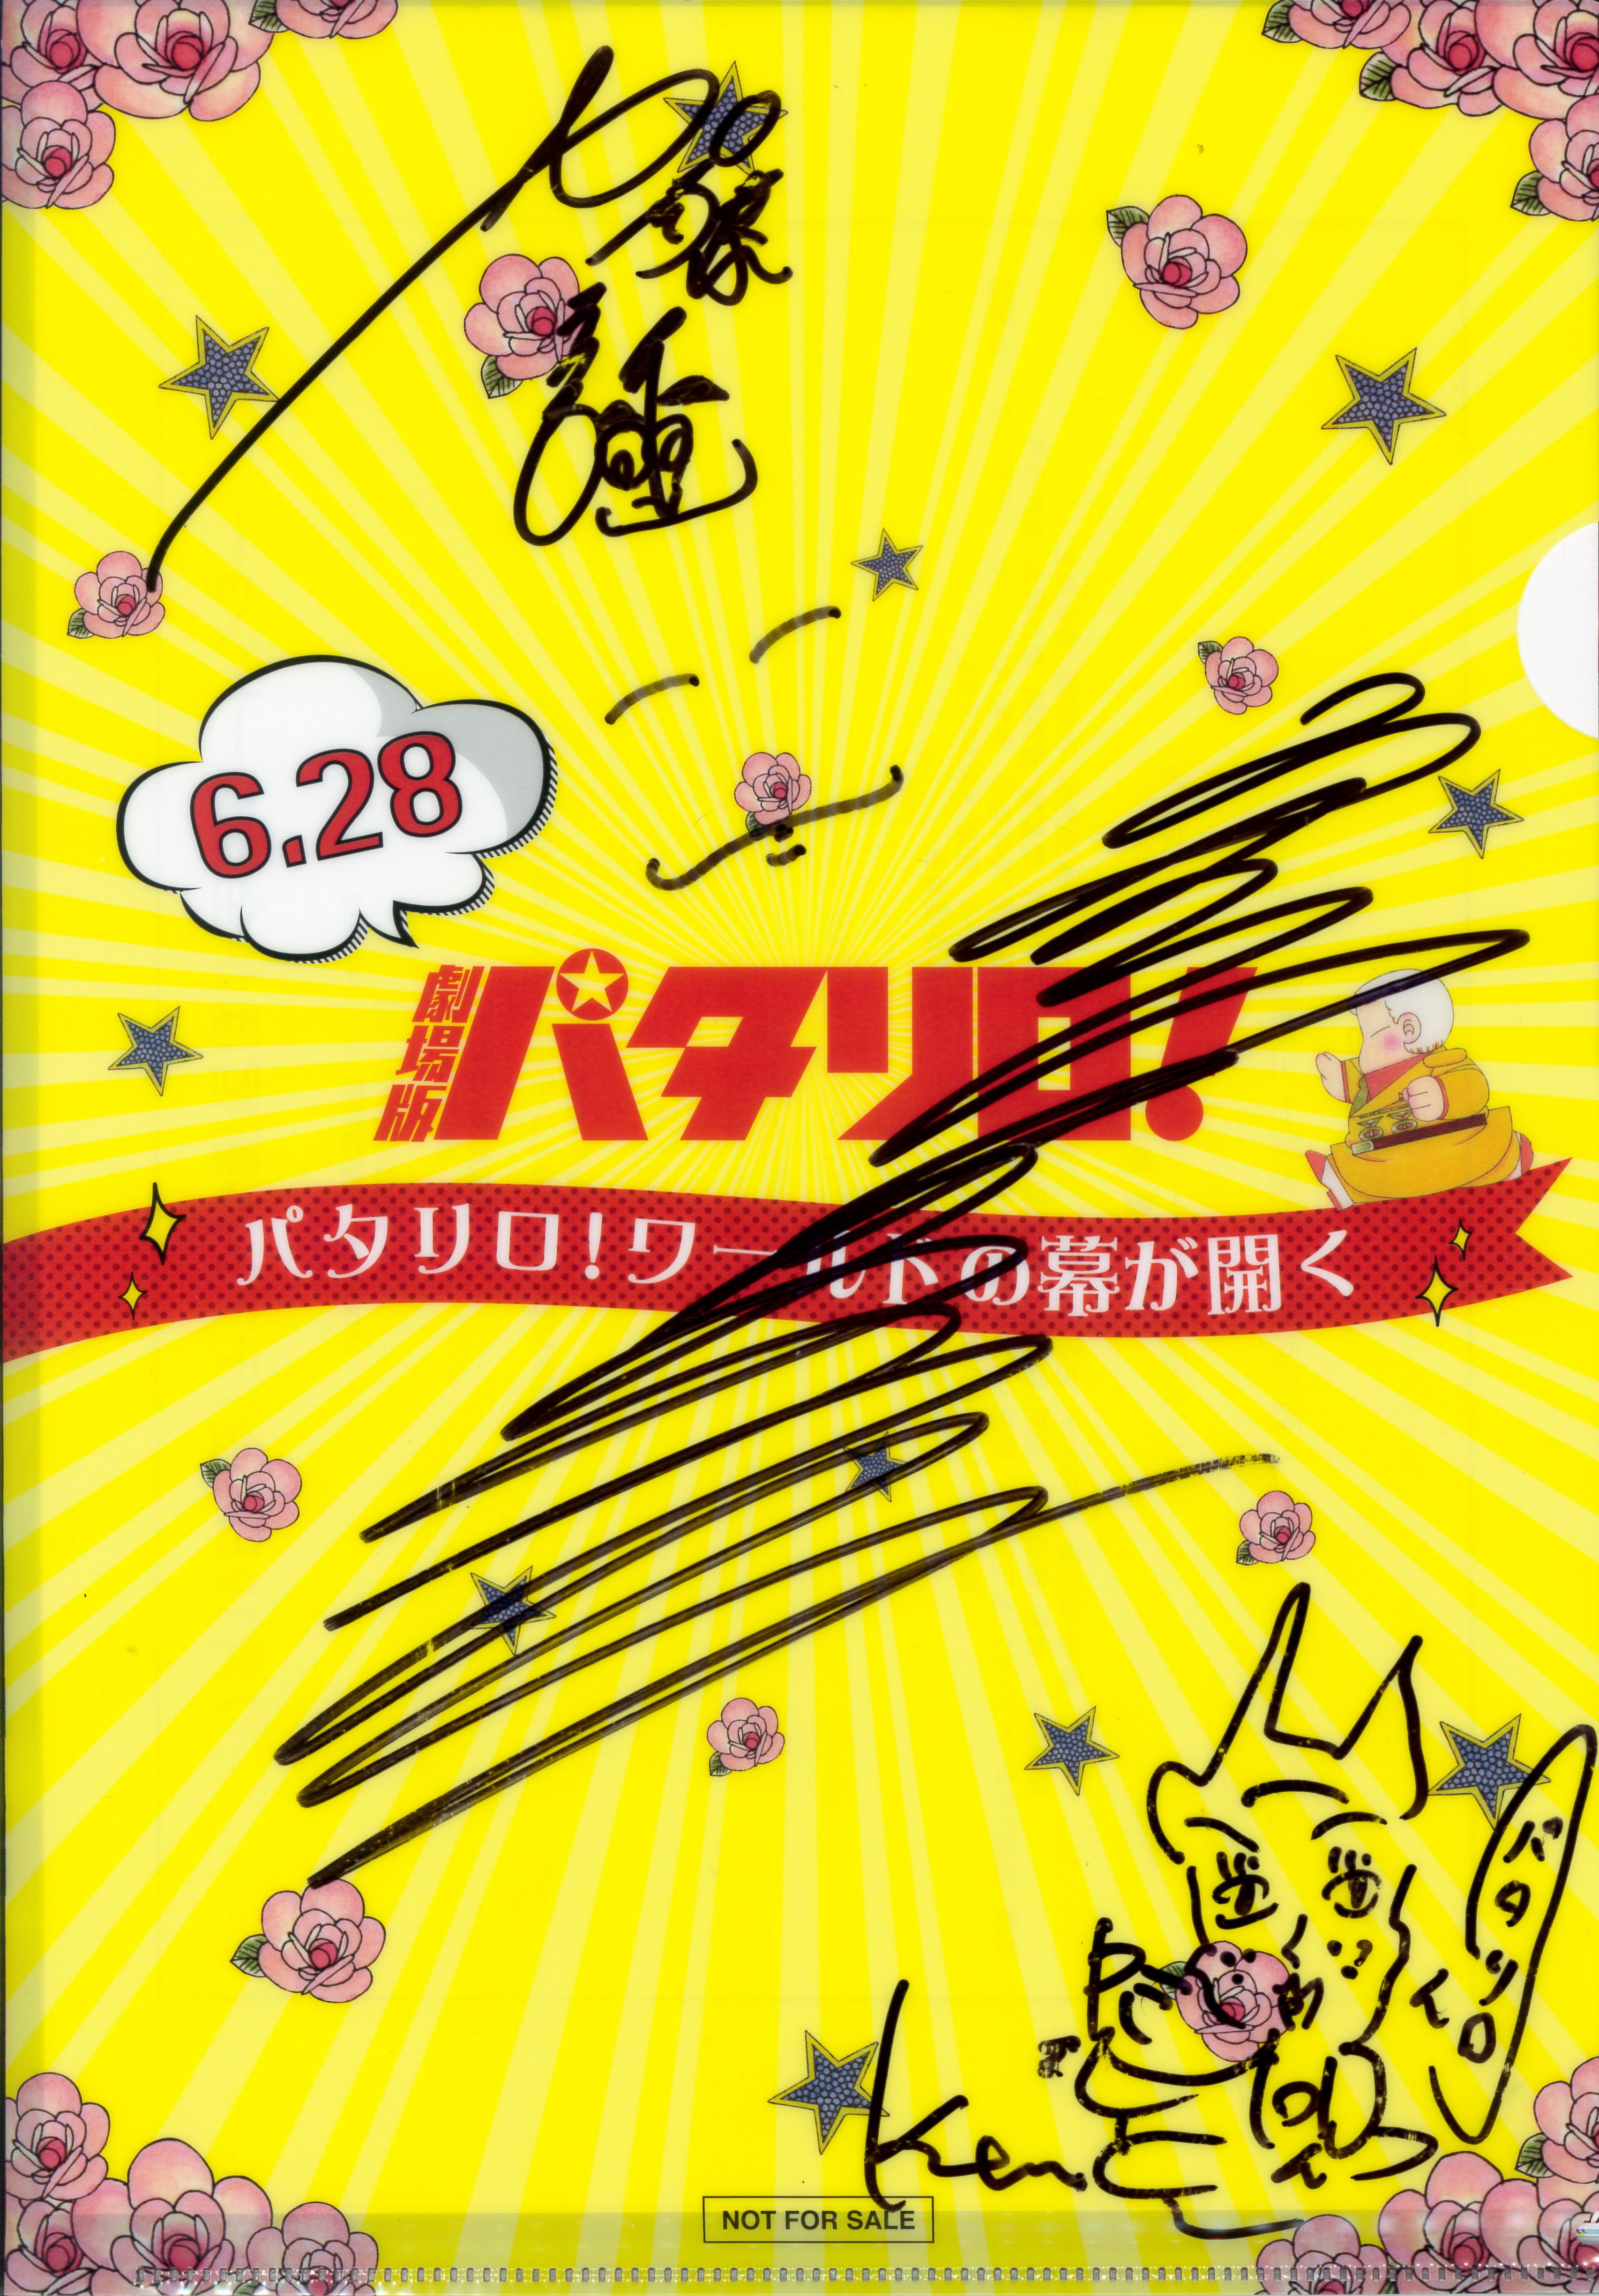 【写真】映画『劇場版 パタリロ!』加藤諒&魔夜峰央&小林顕作監督サイン入りクリアファイル